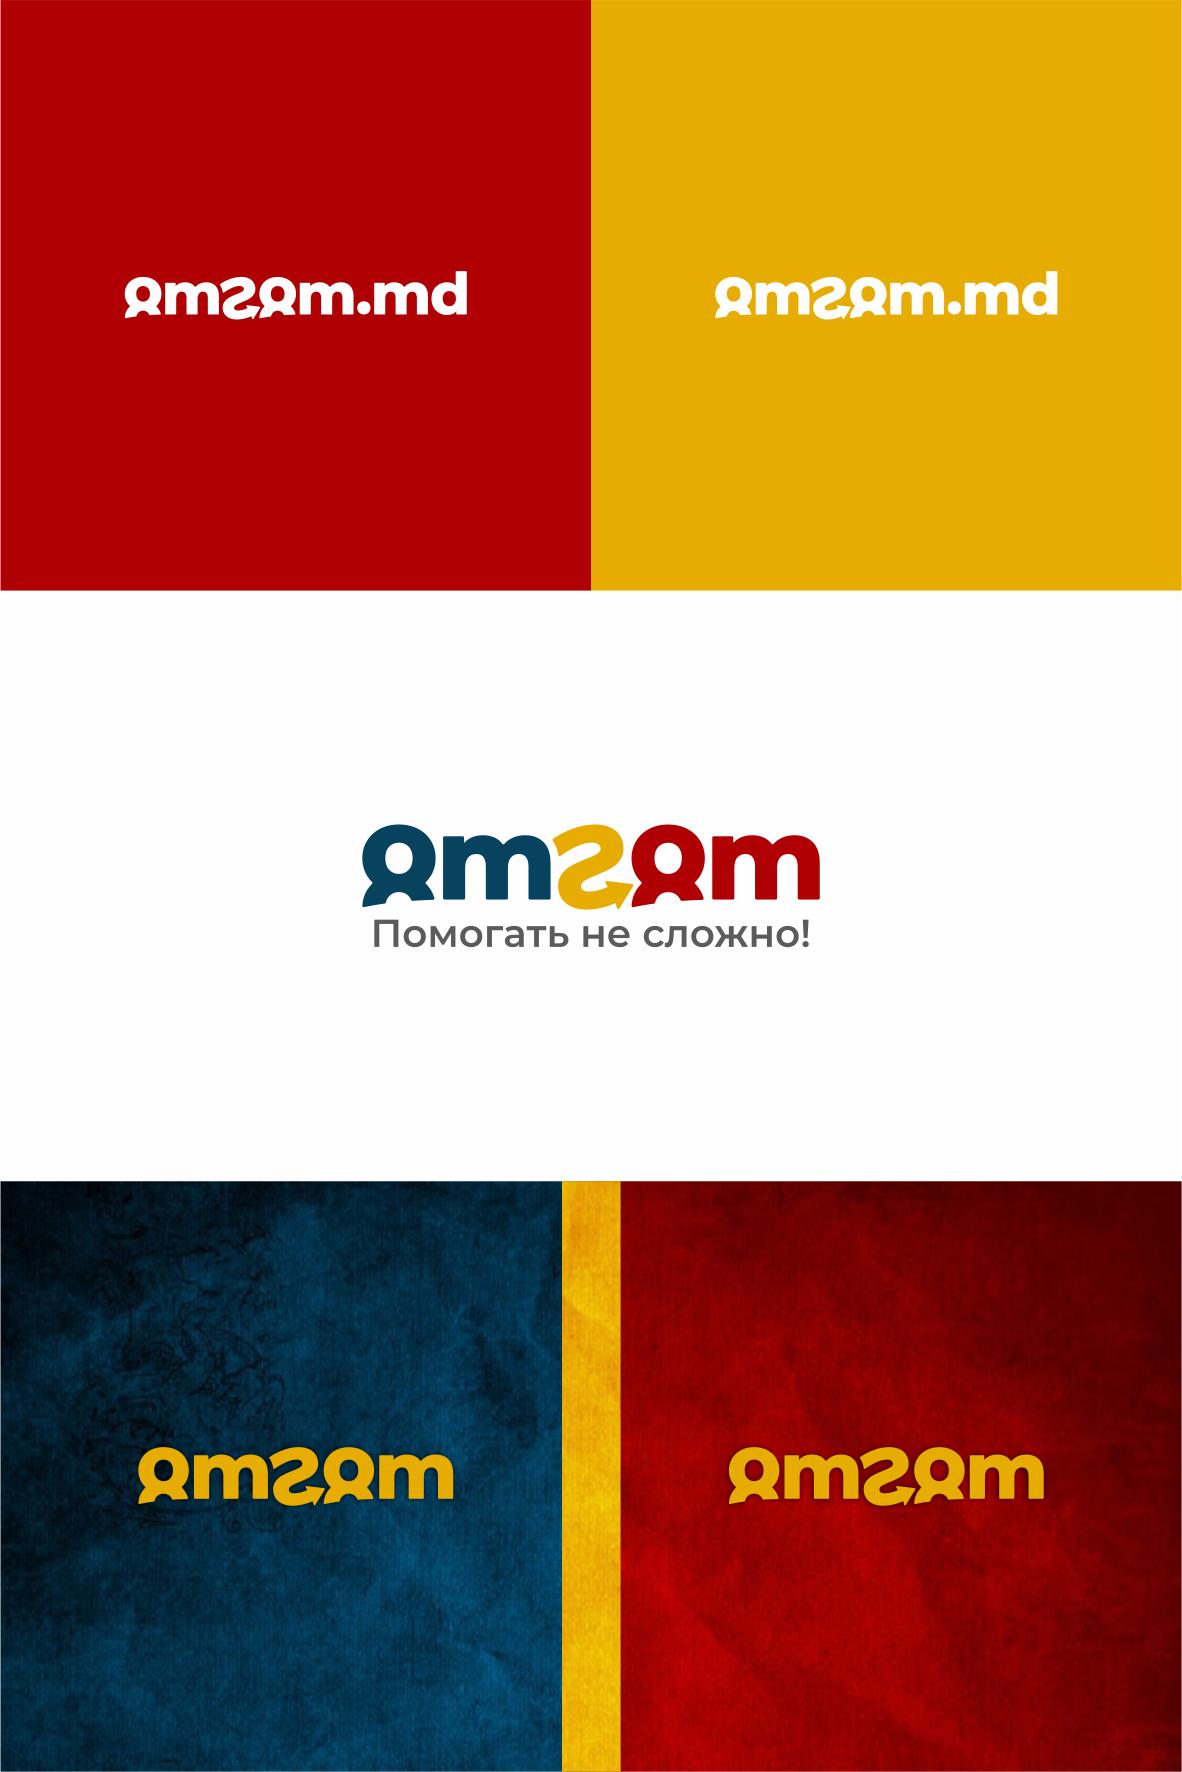 Разработка логотипа для краудфандинговой платформы om2om.md фото f_3205f5f251282d18.png